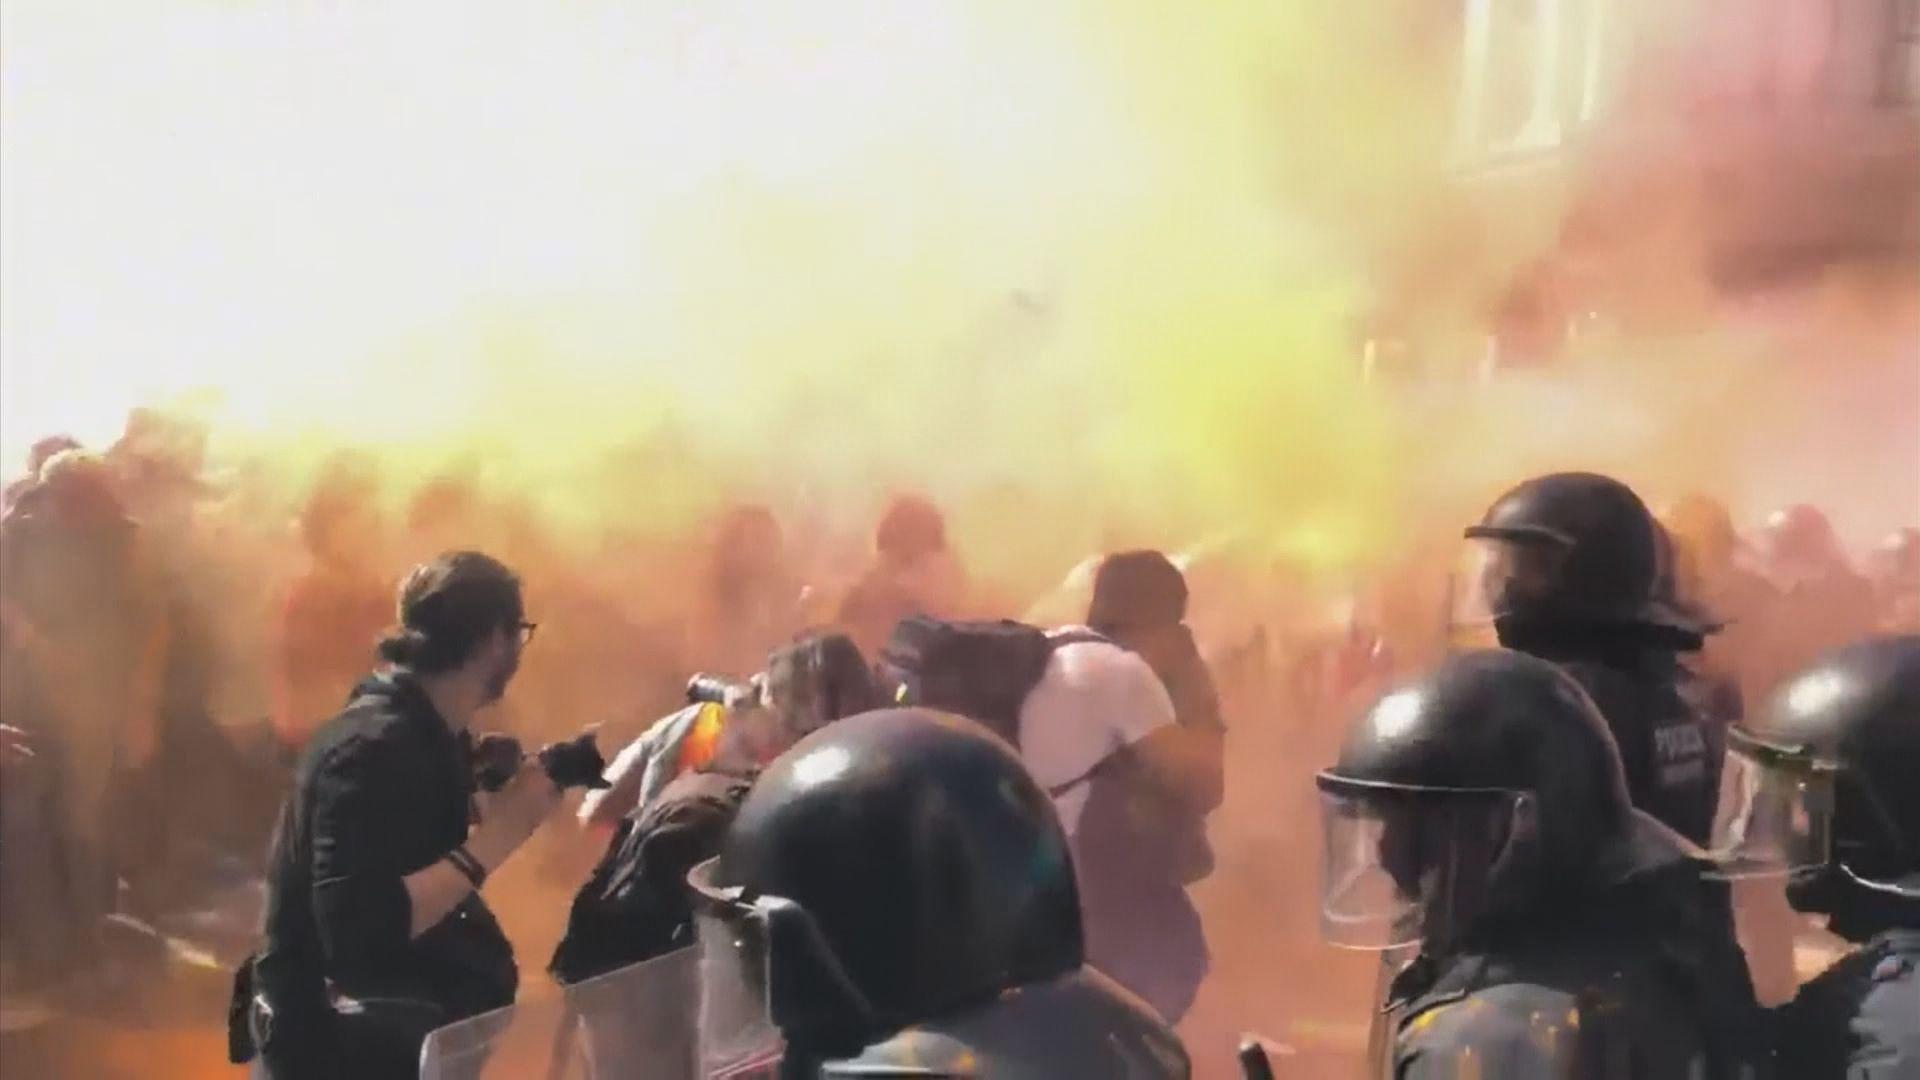 支持加泰獨立民眾與警衝突 多人被捕